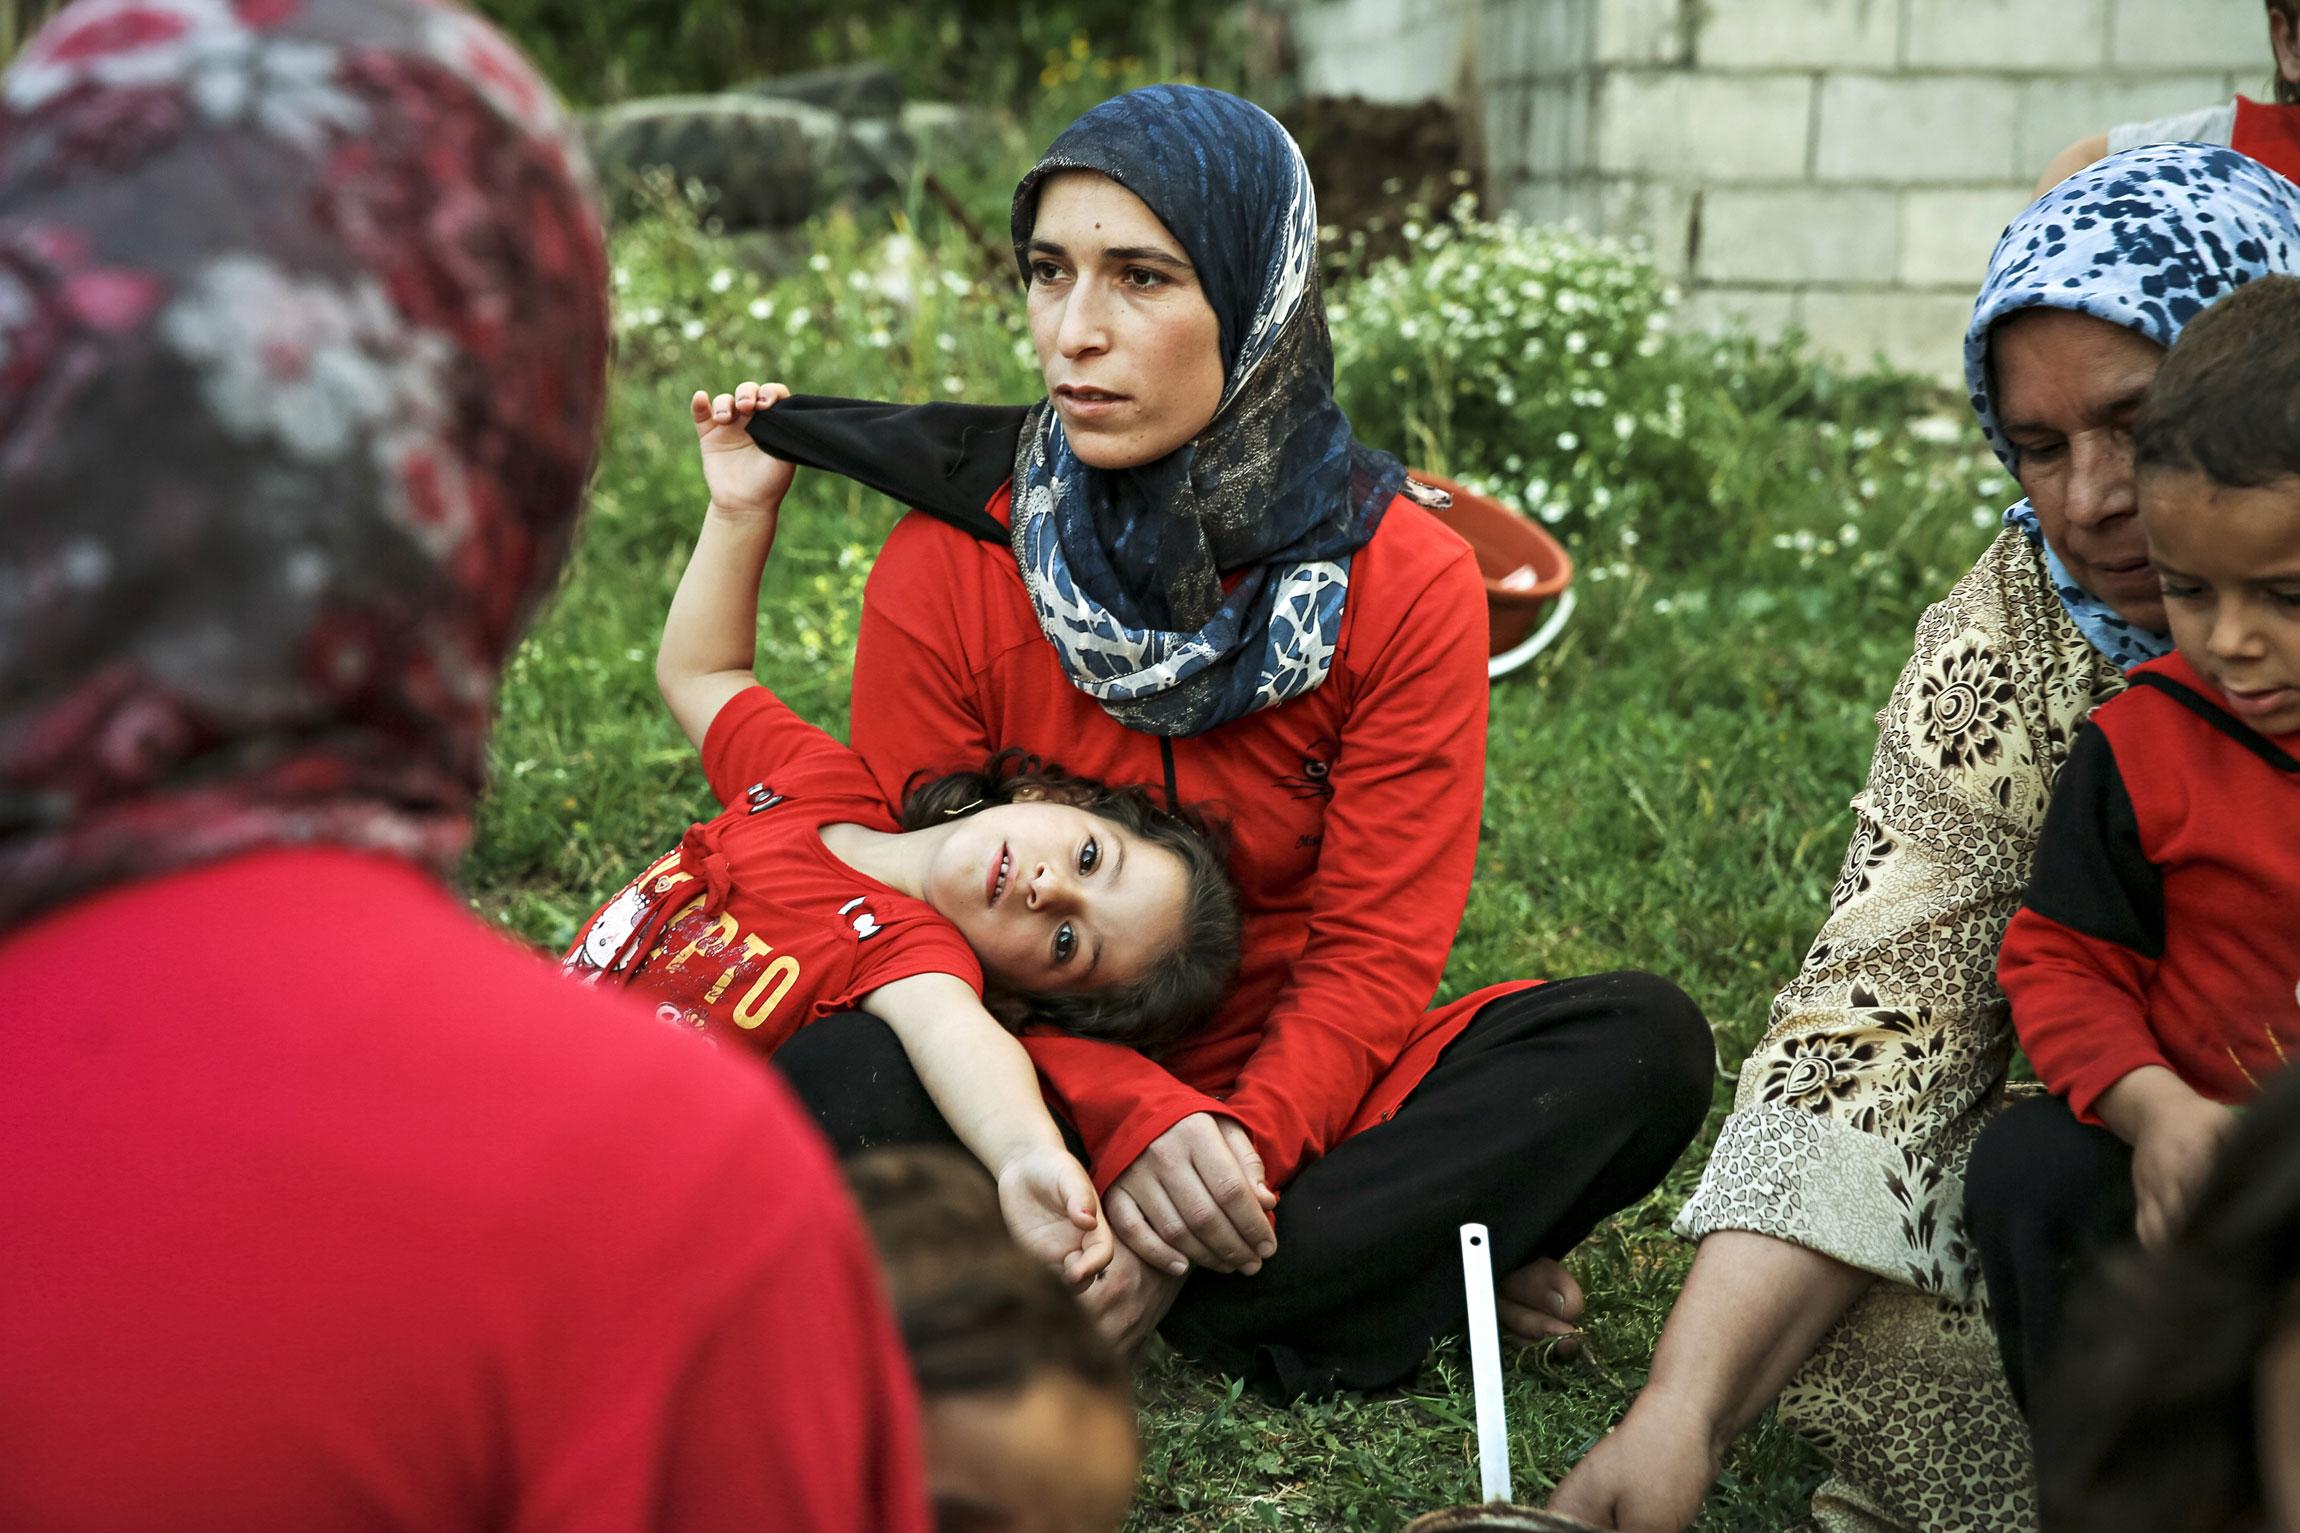 Syyrian pakolaisnaiset ja lapset yrittävät selviytyä päivästä toiseen.